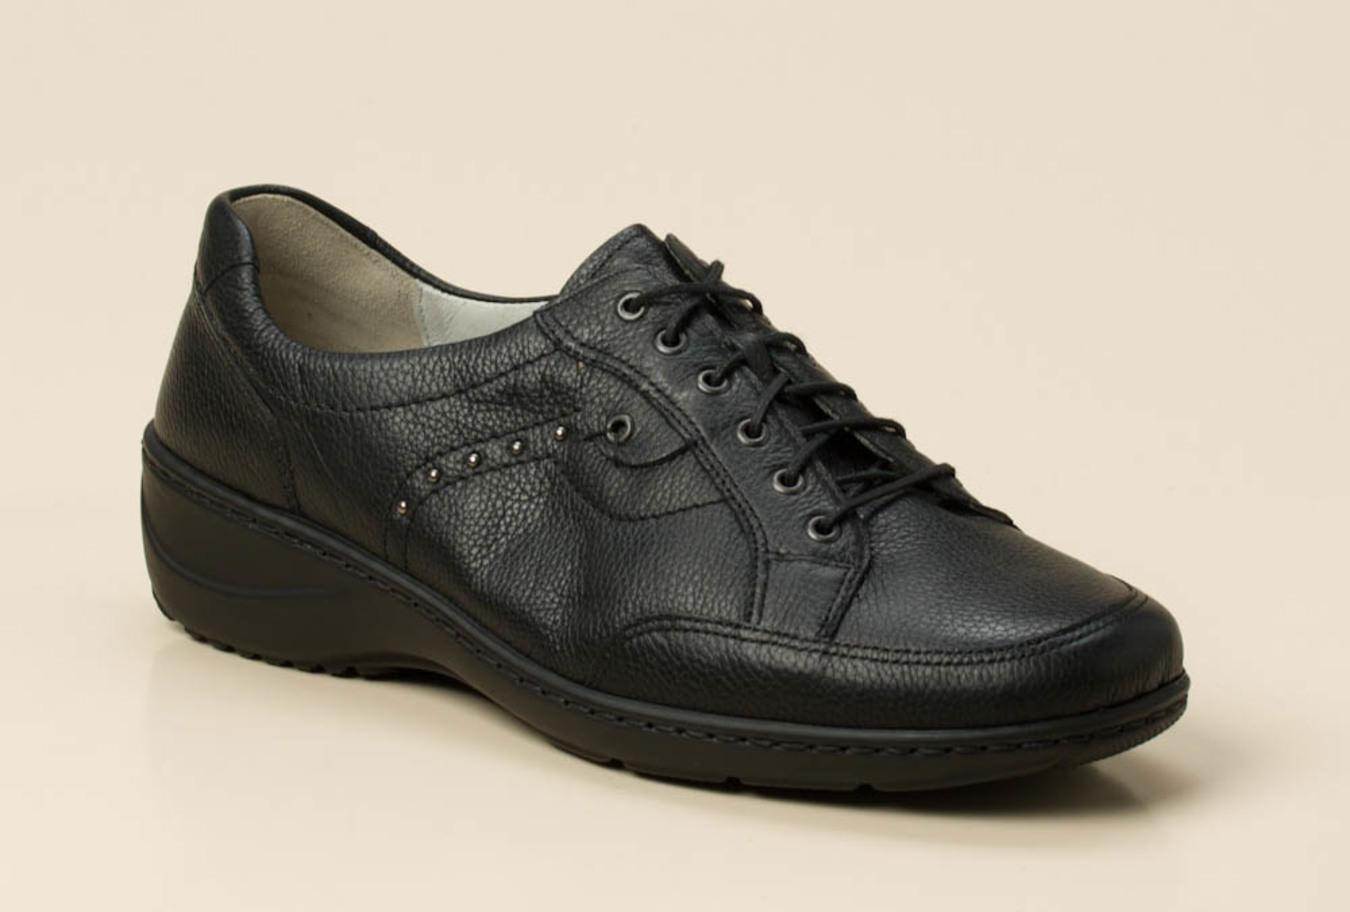 Waldläufer Damen Sneaker in schwarz kaufen   Zumnorde Online Shop